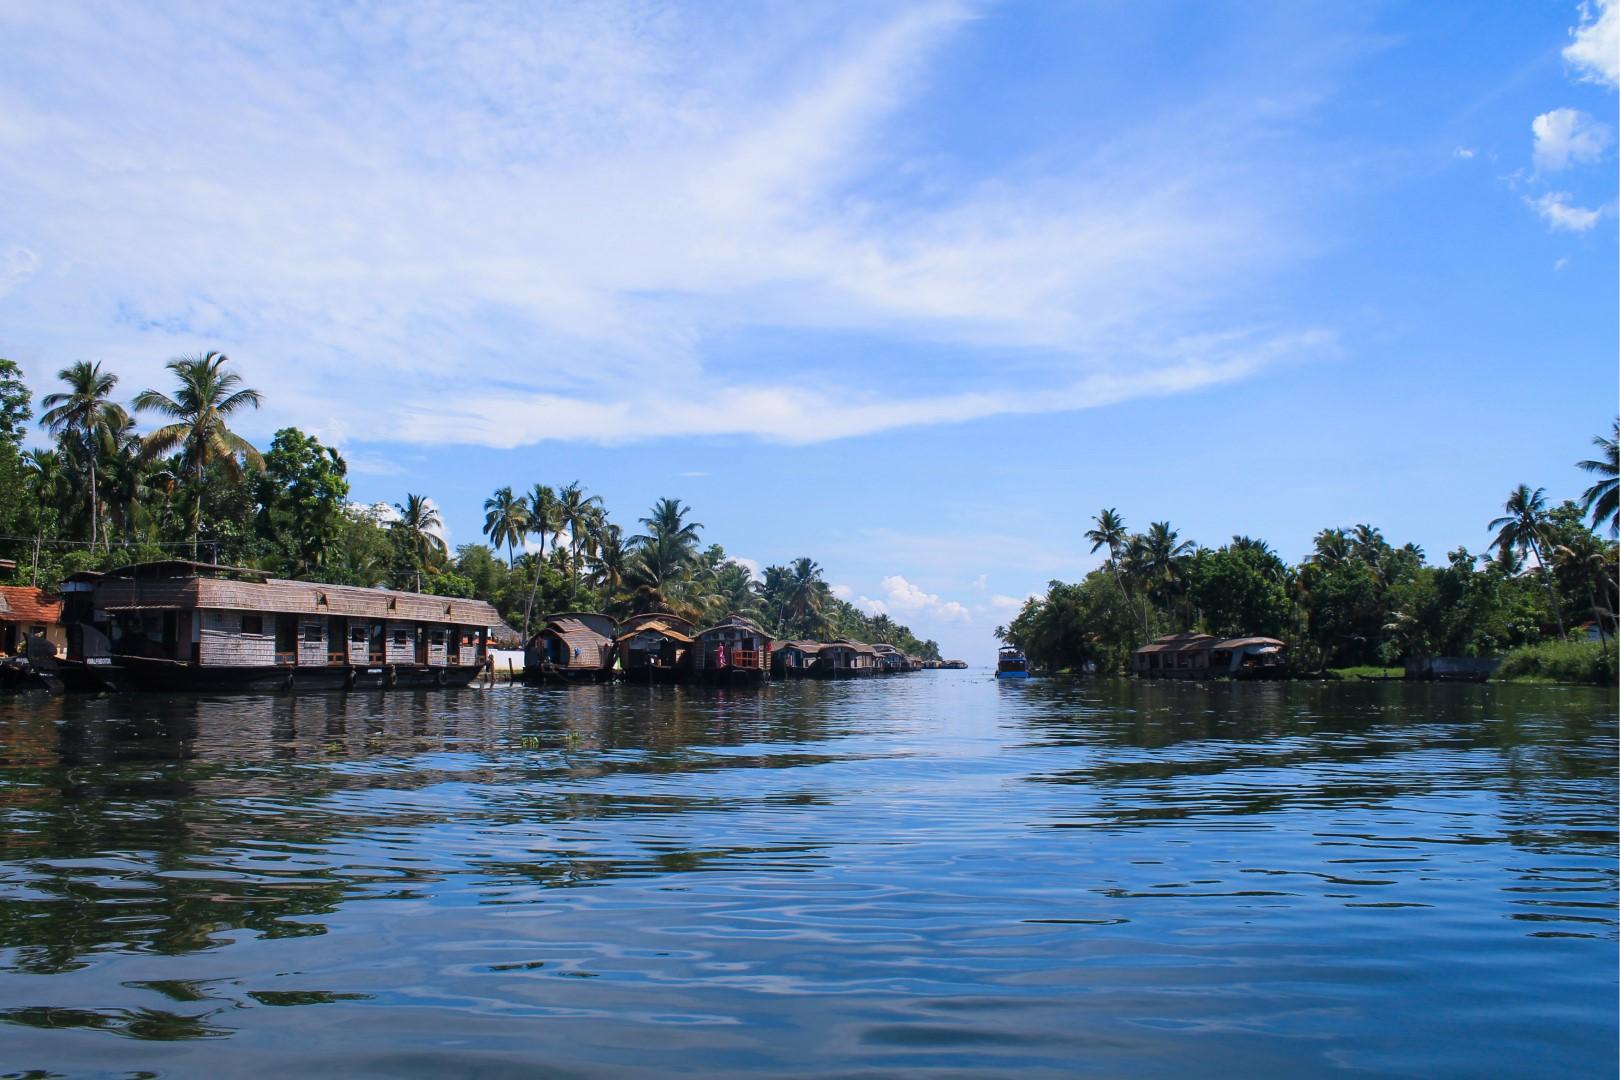 Kayaking in Alleppey, Kerala, India